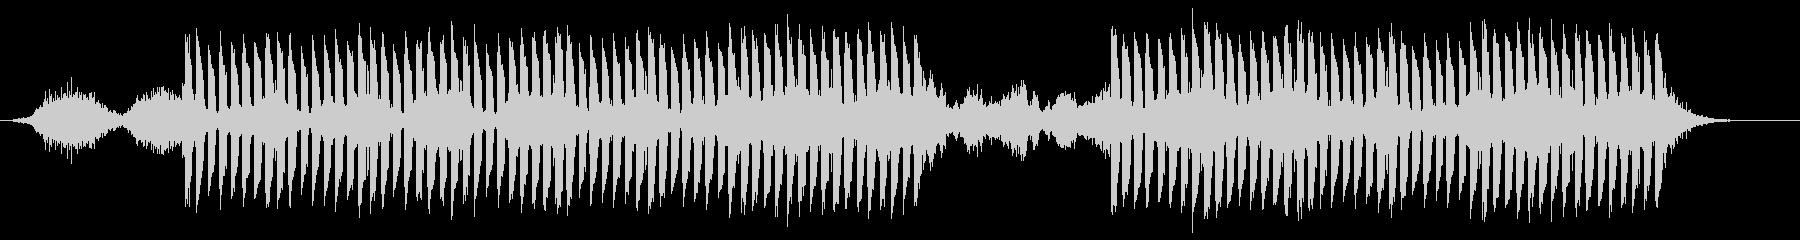 おしゃれかっこいいEDMジングル7の未再生の波形